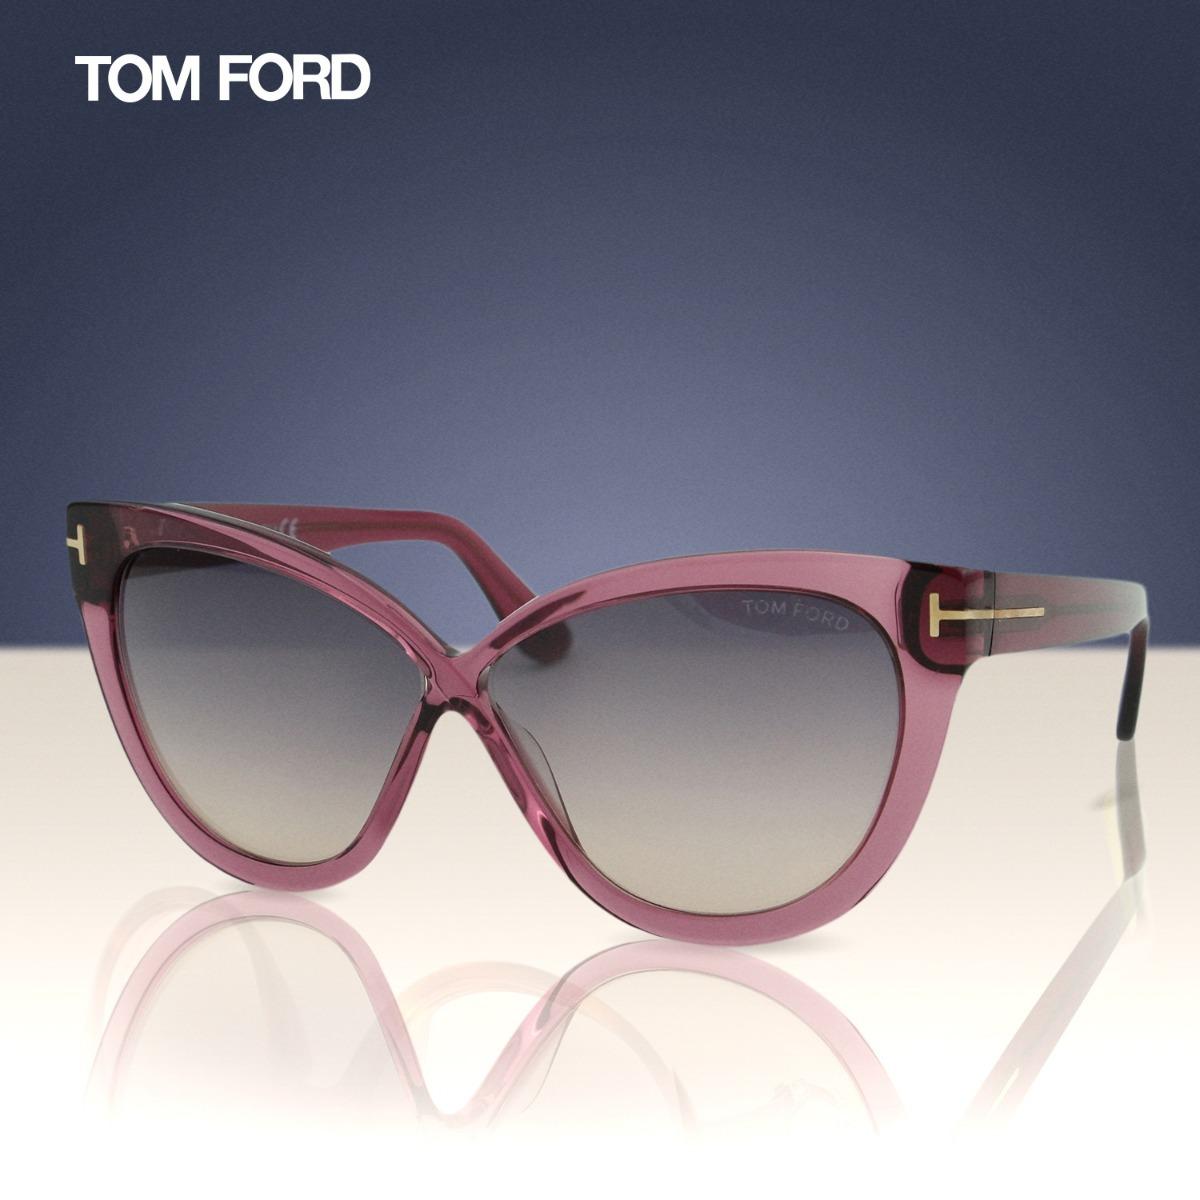 a37a2b3851 Tom Ford Lentes Gafas Del Sol Estilo Mariposa - $ 2,960.00 en ...